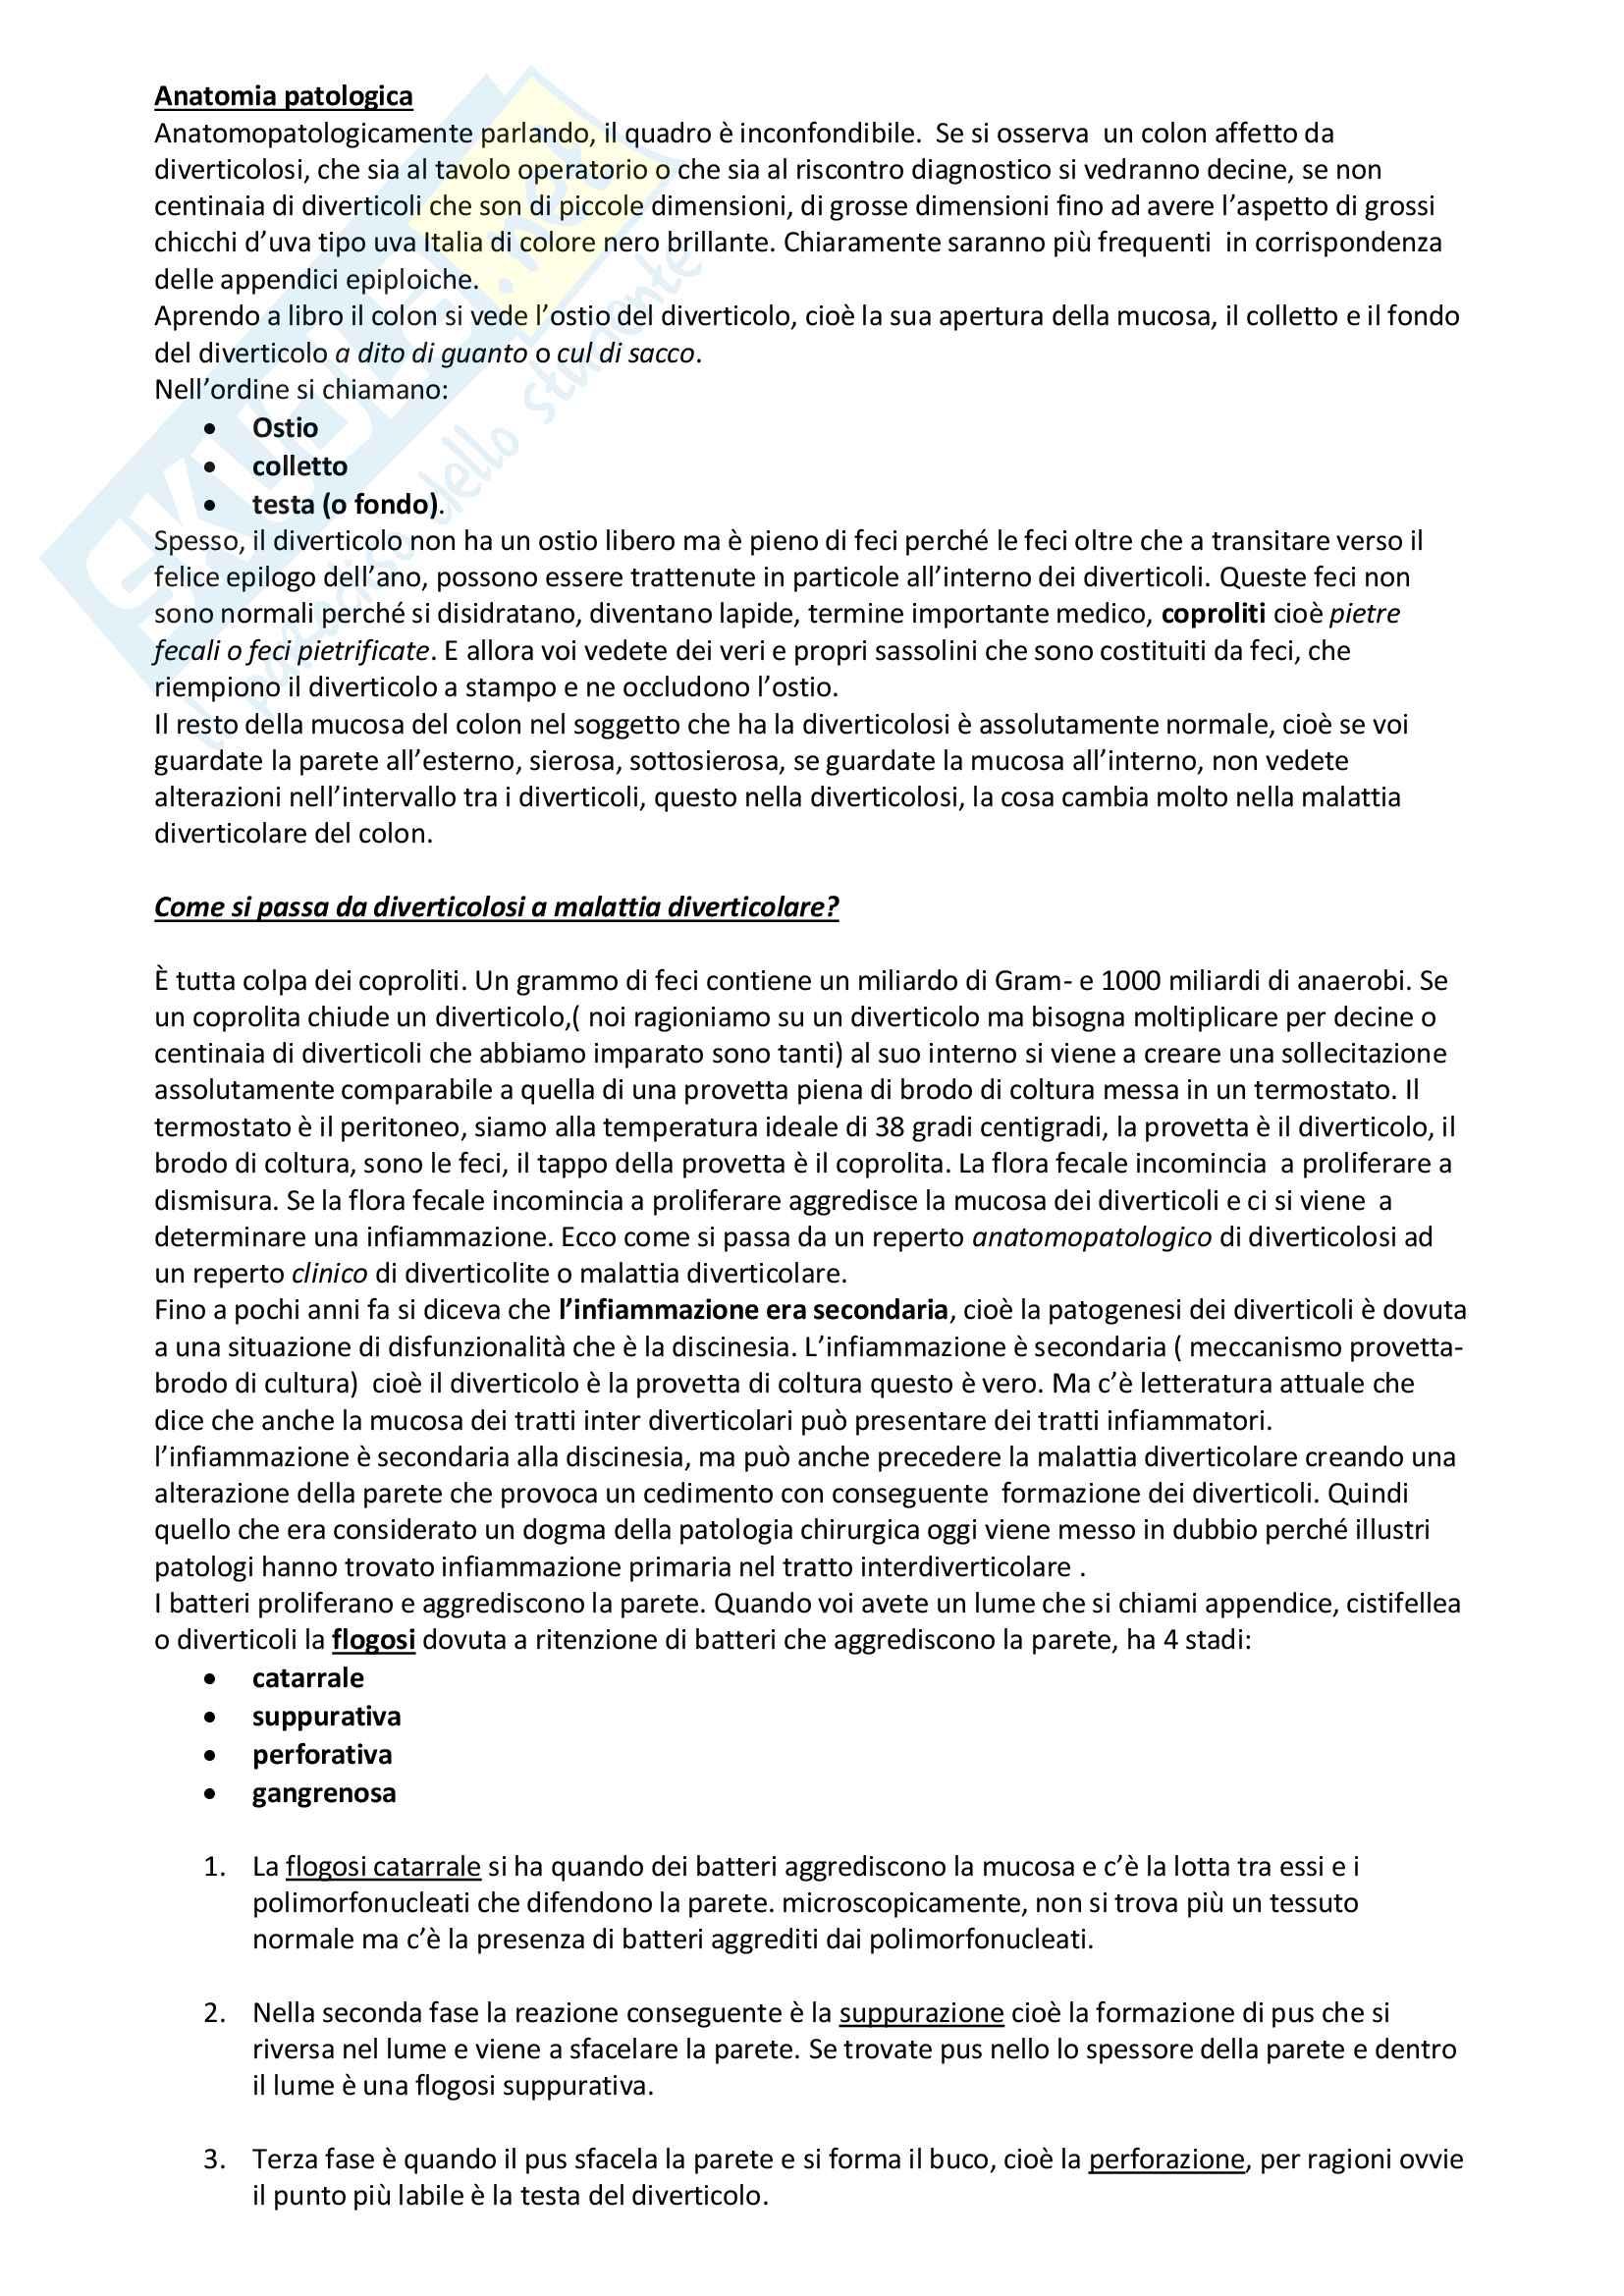 Diverticolosi, Malattia diverticolare, Appendice e appendicite Pag. 6